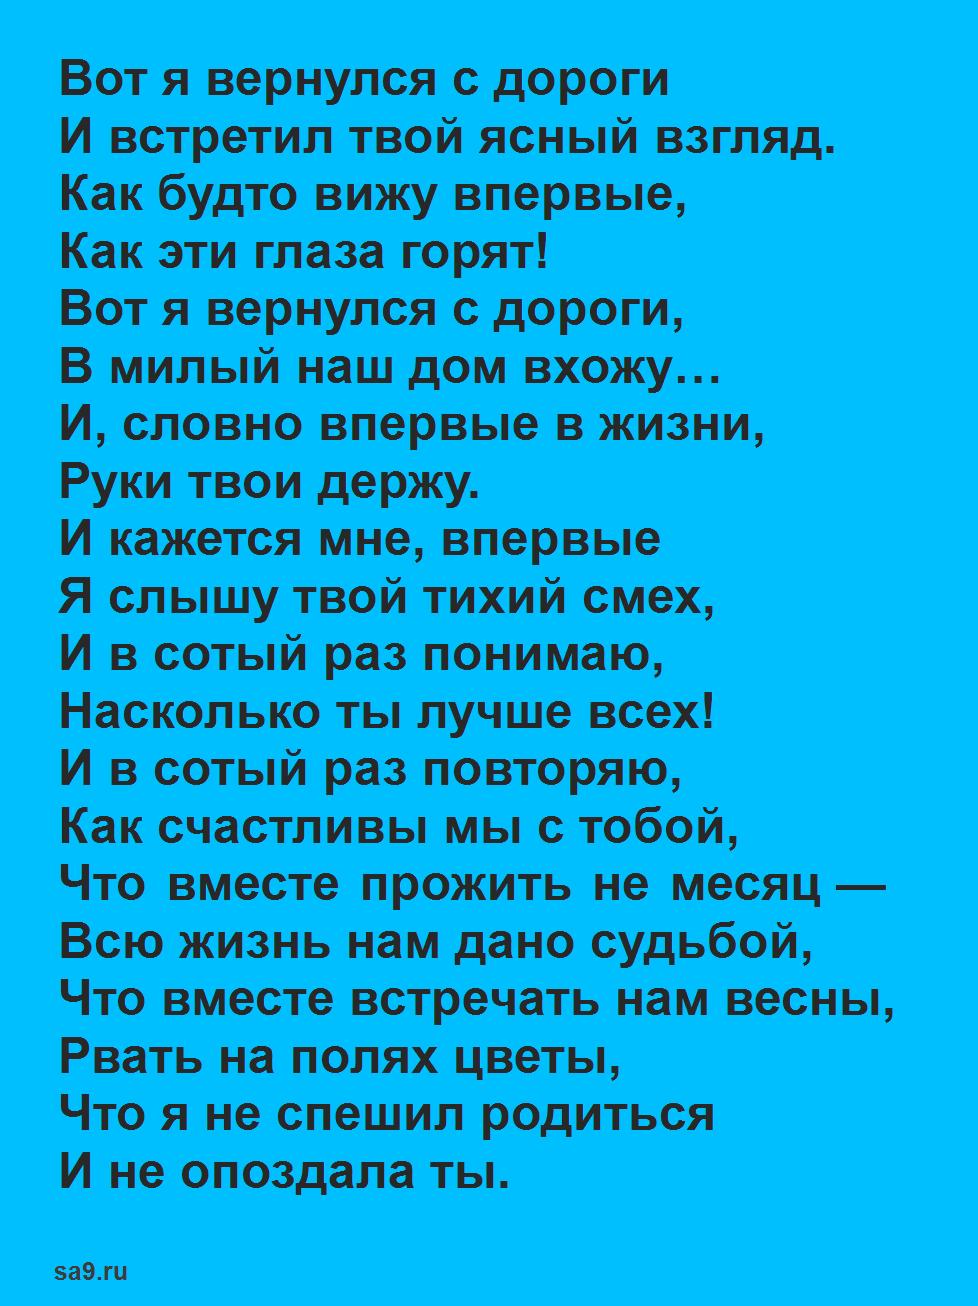 Расул Гамзатов стихи о любви - Вот я вернулся с дороги